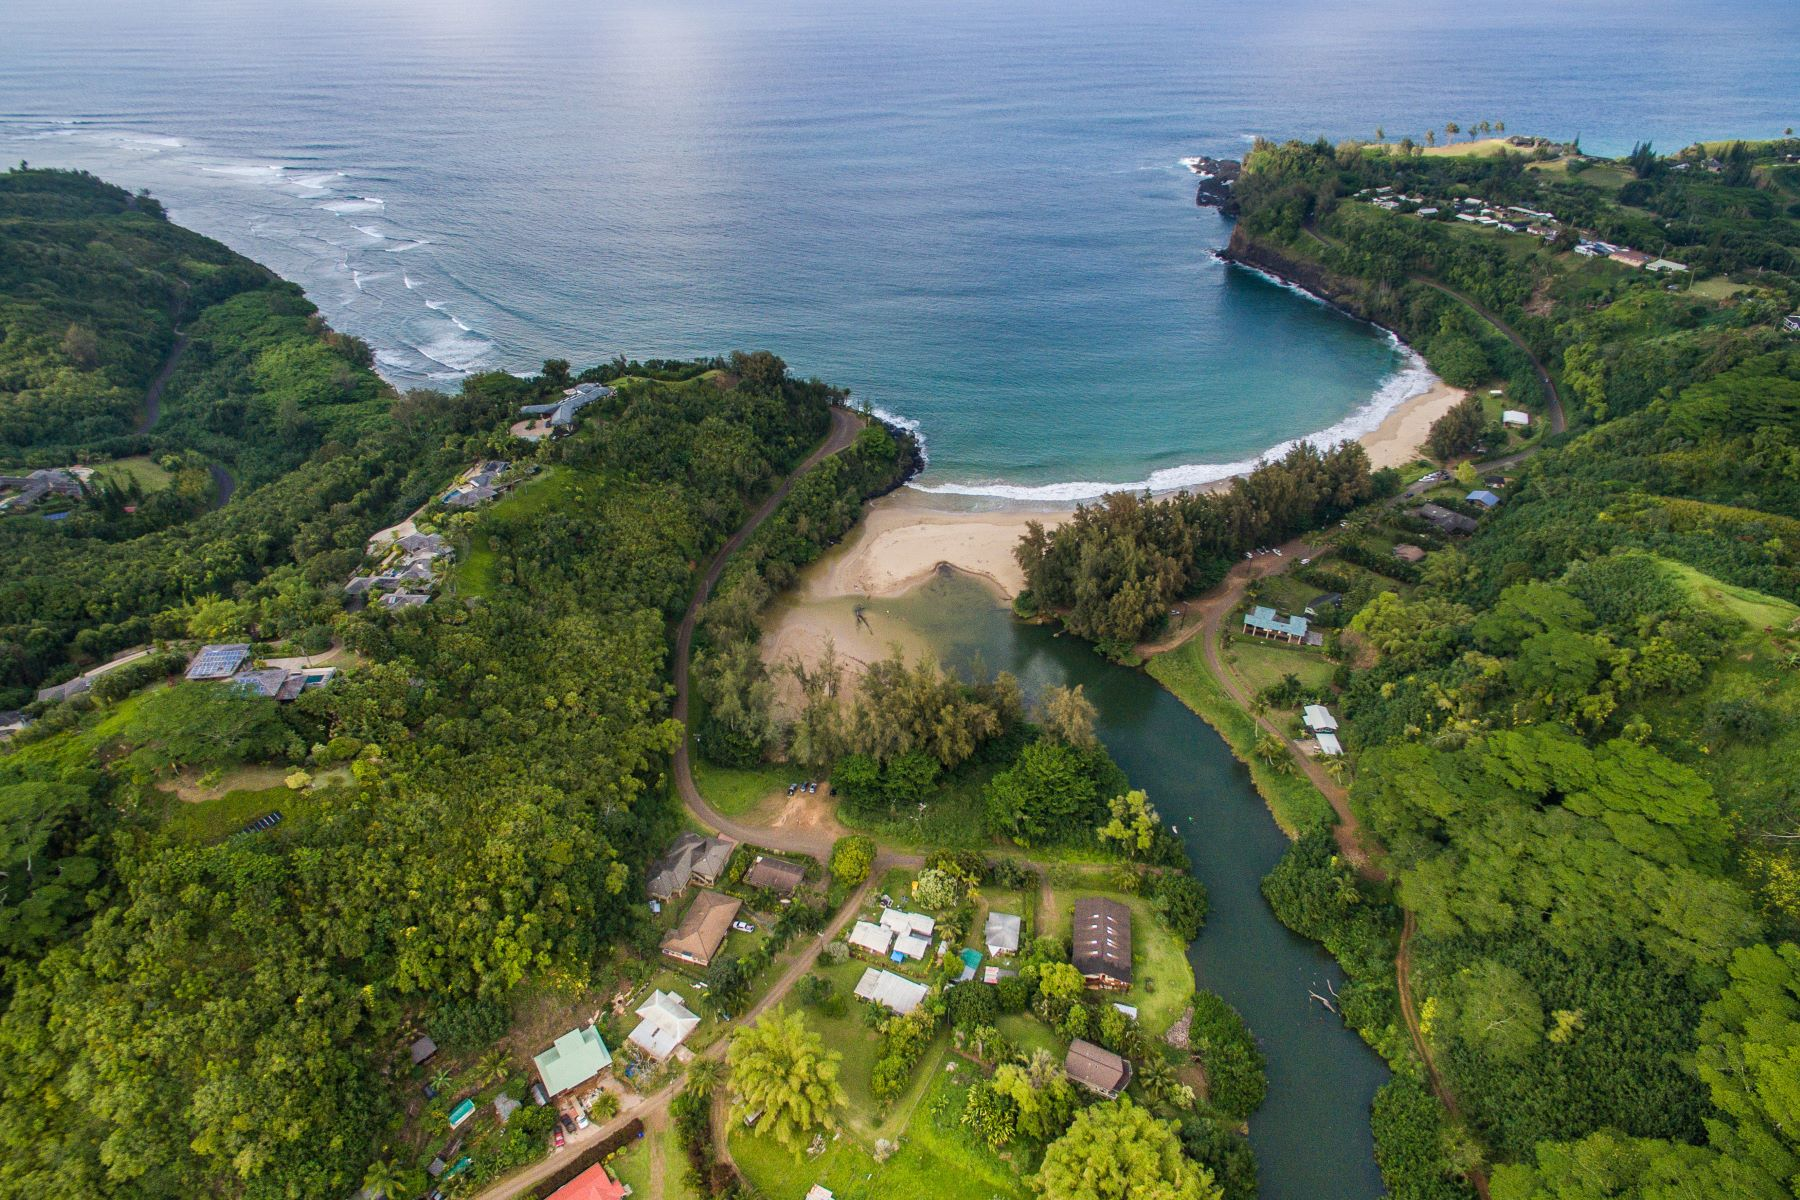 Casa Unifamiliar por un Venta en Beautiful Prime Kalihiwai Valley Property Just Steps to River and Bay 3167 Kalihiwai Road #B Kilauea, Hawaii 96754 Estados Unidos